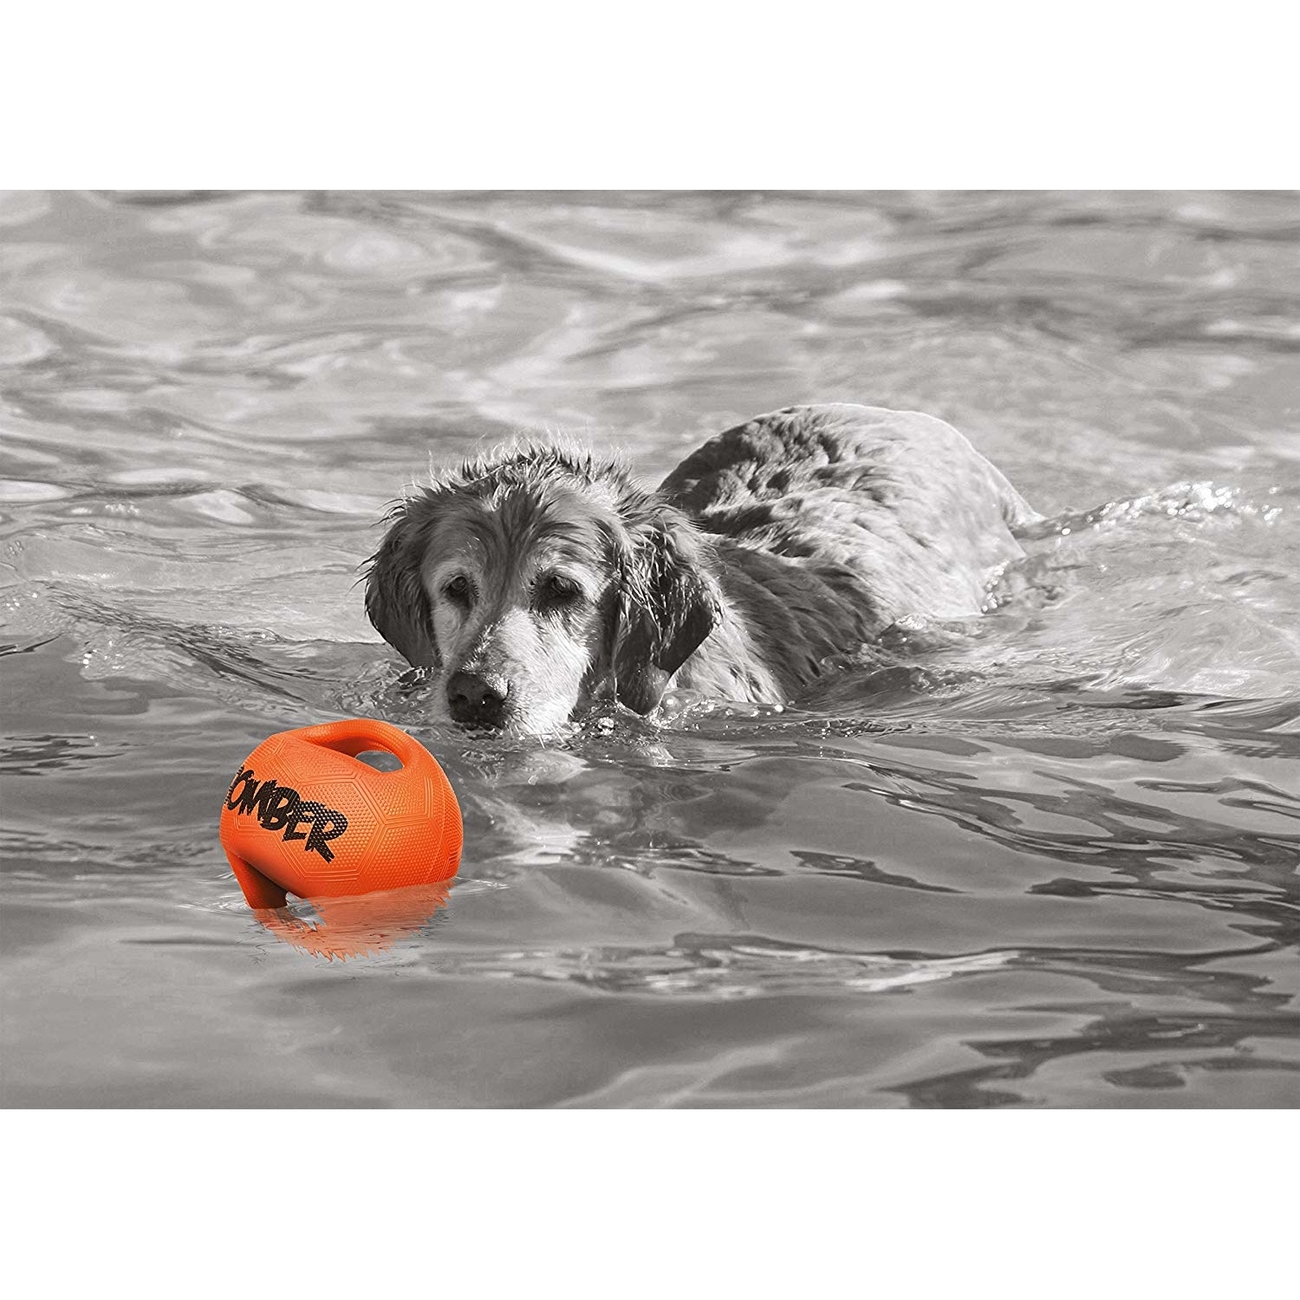 Bomber Hundespielzeug, Bild 7